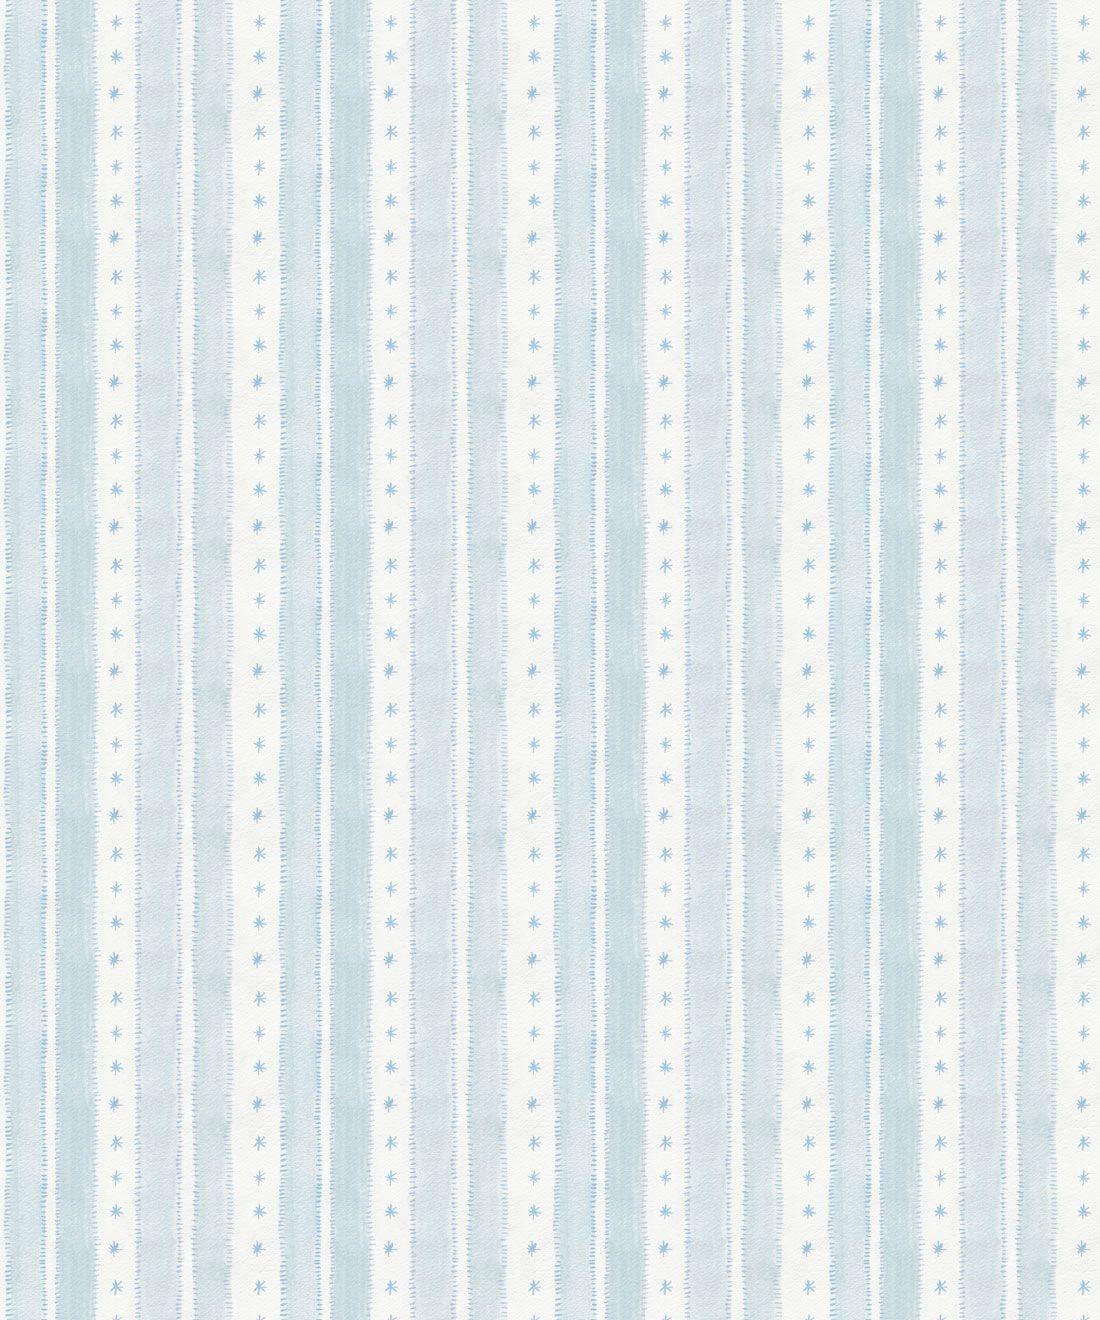 Star Stripe Wallpaper • Dusty Blue • Swatch